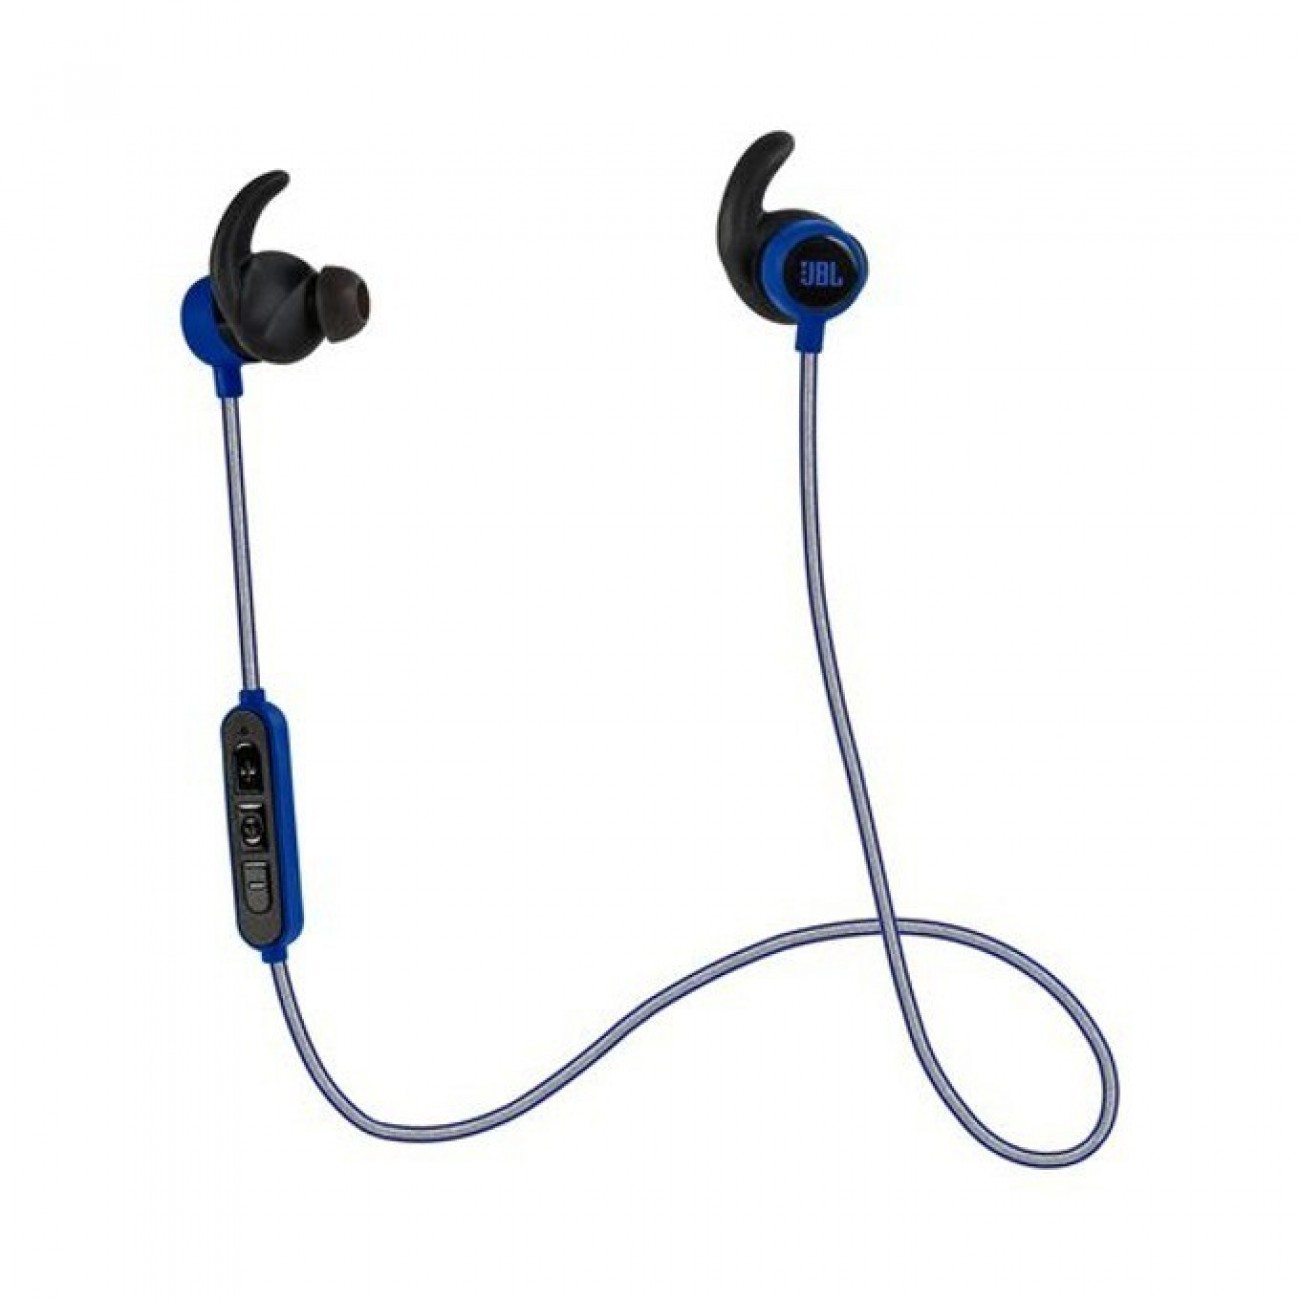 Слушалки JBL Reflect Mini BT, Bluetooth, микрофон, тип тапи, сини в Слушалки -  | Alleop